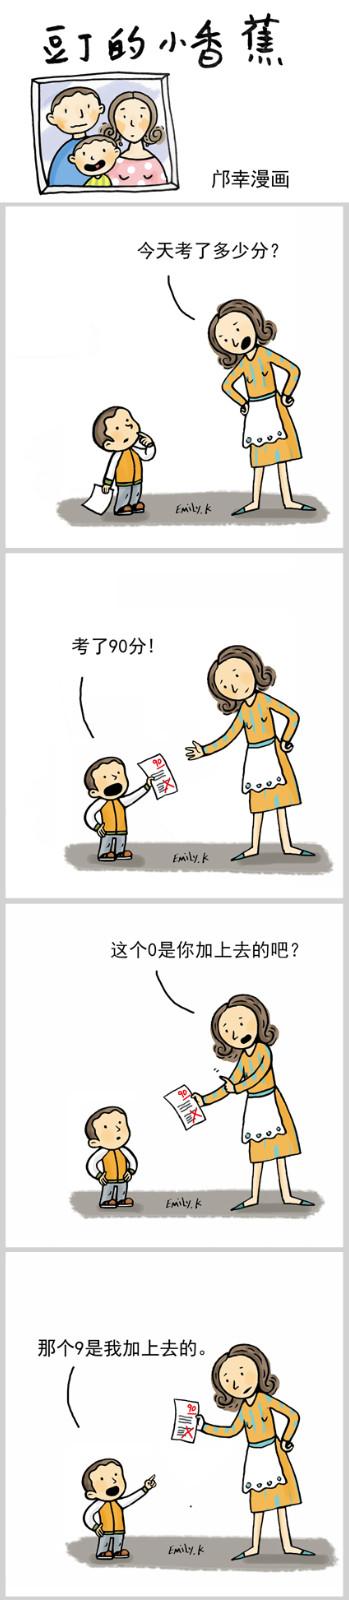 【邝幸漫畫】《小香蕉》291 诚实_图1-1